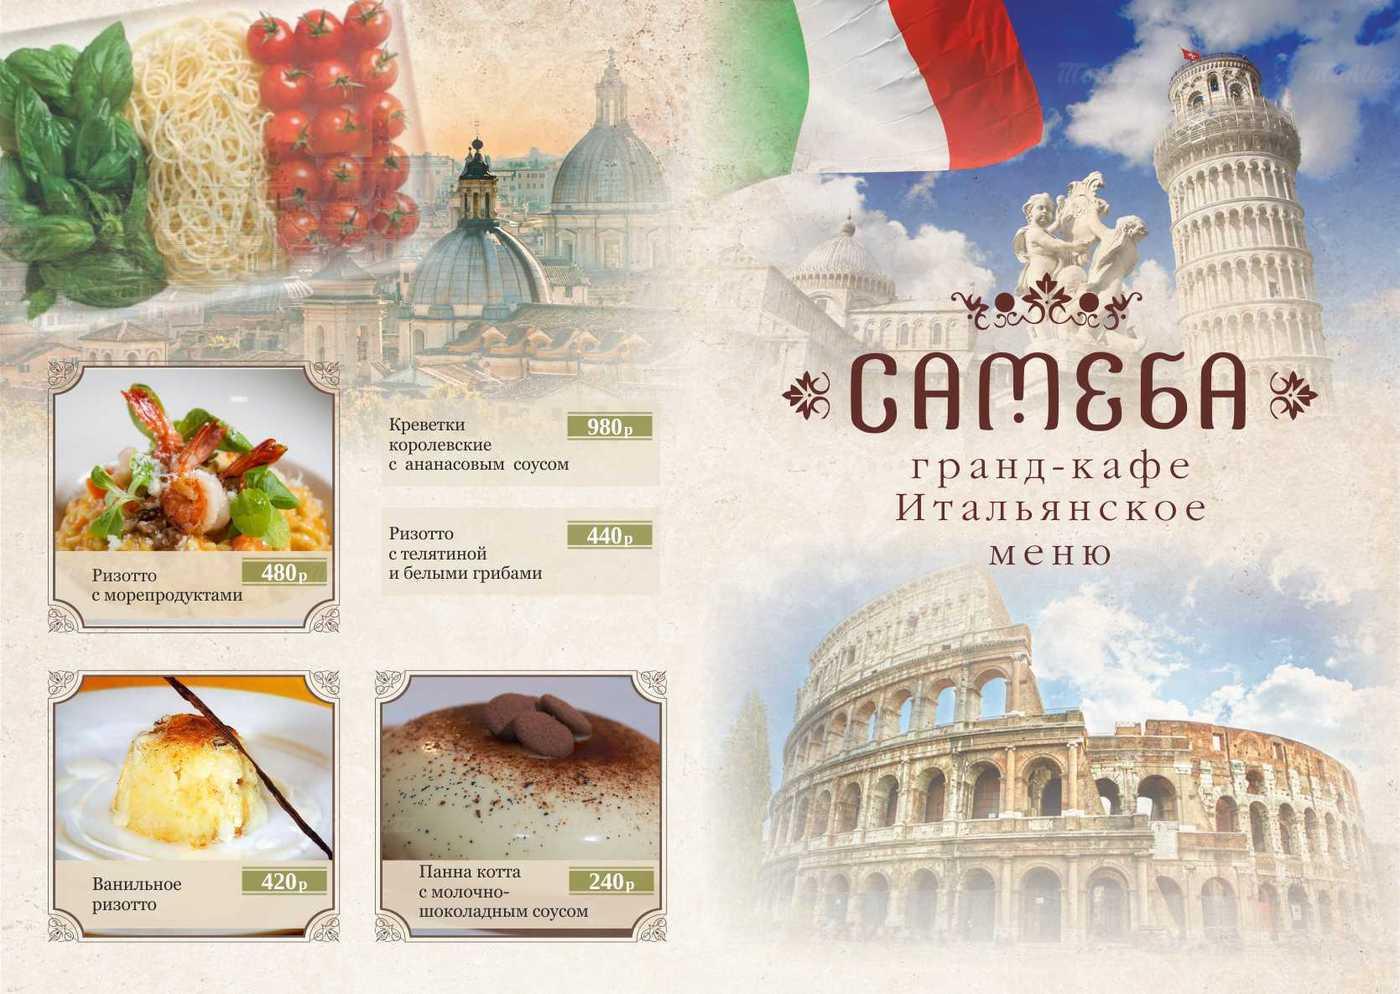 Меню кафе Самеба на Пулковской улице